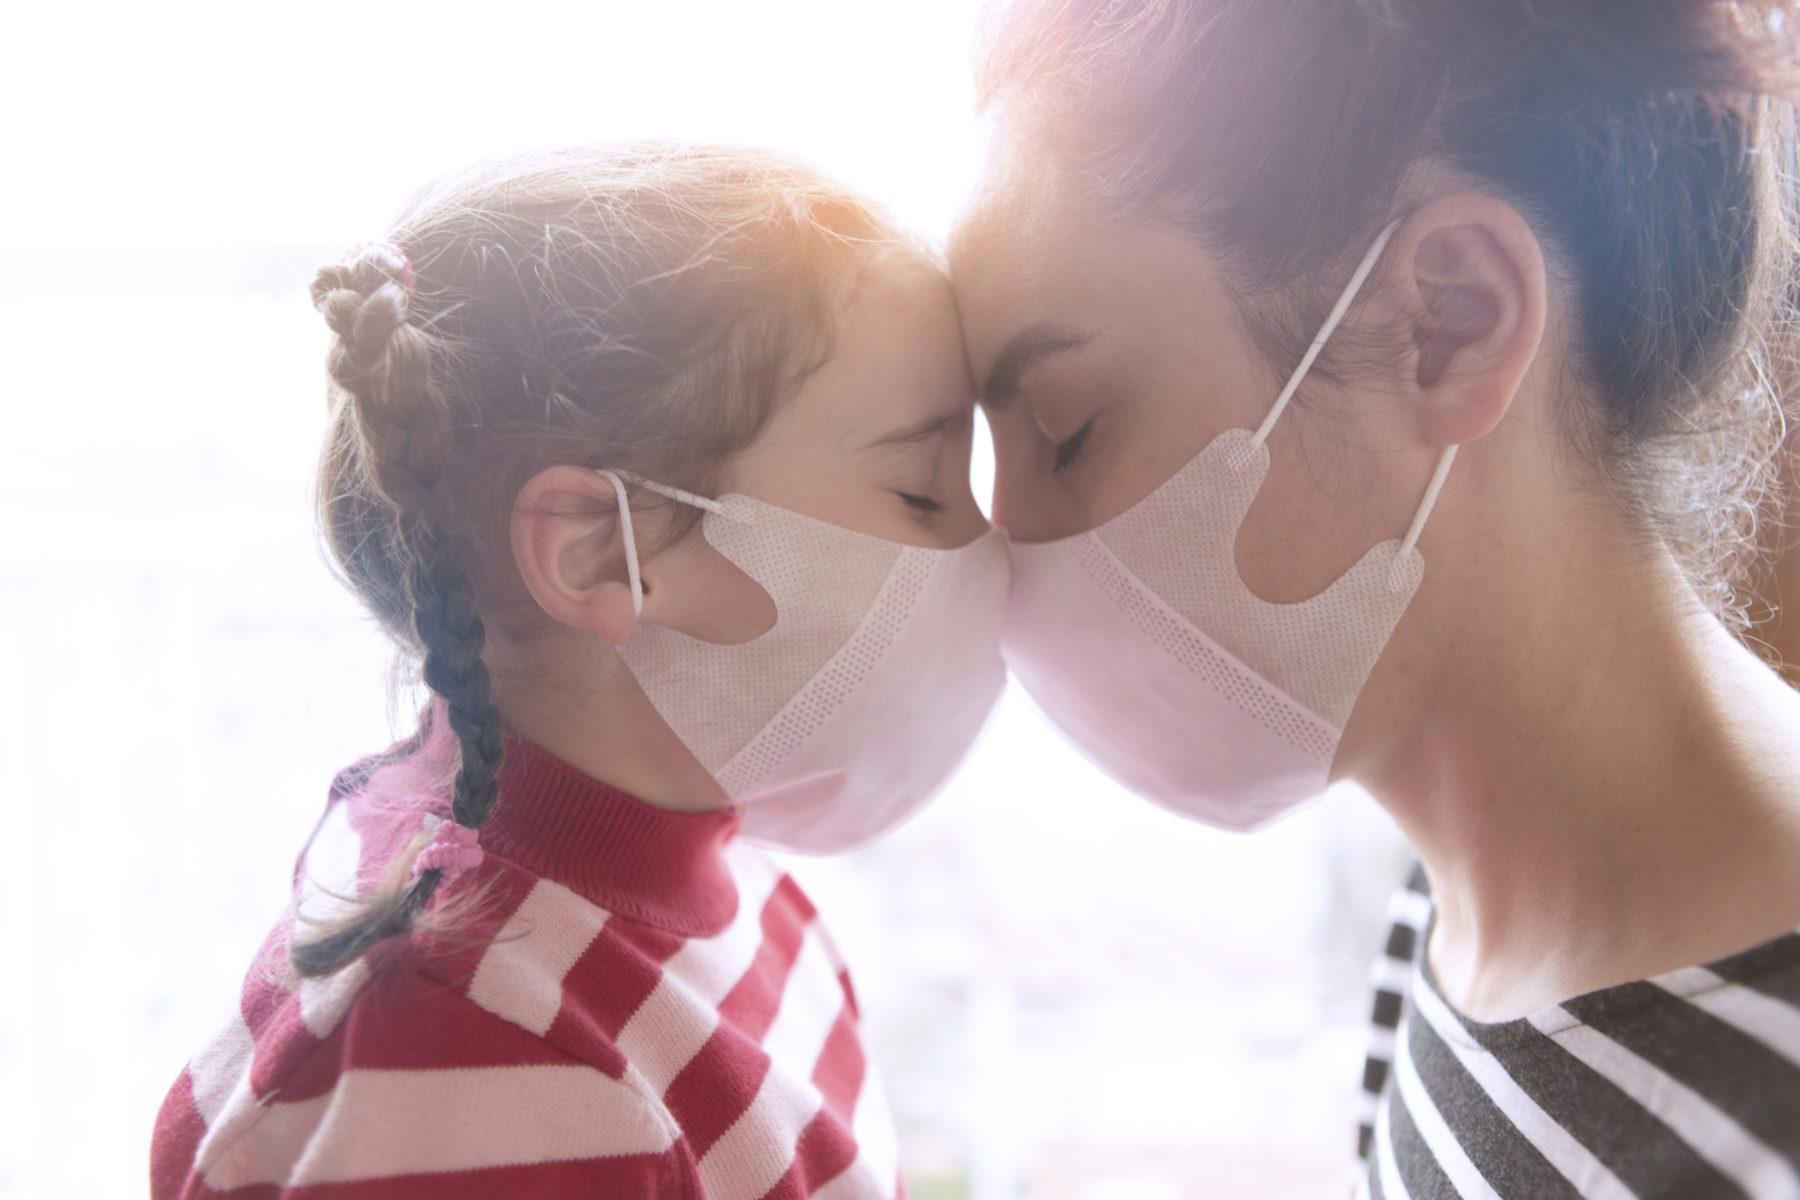 affection entre une mère et son enfant malgré son masque